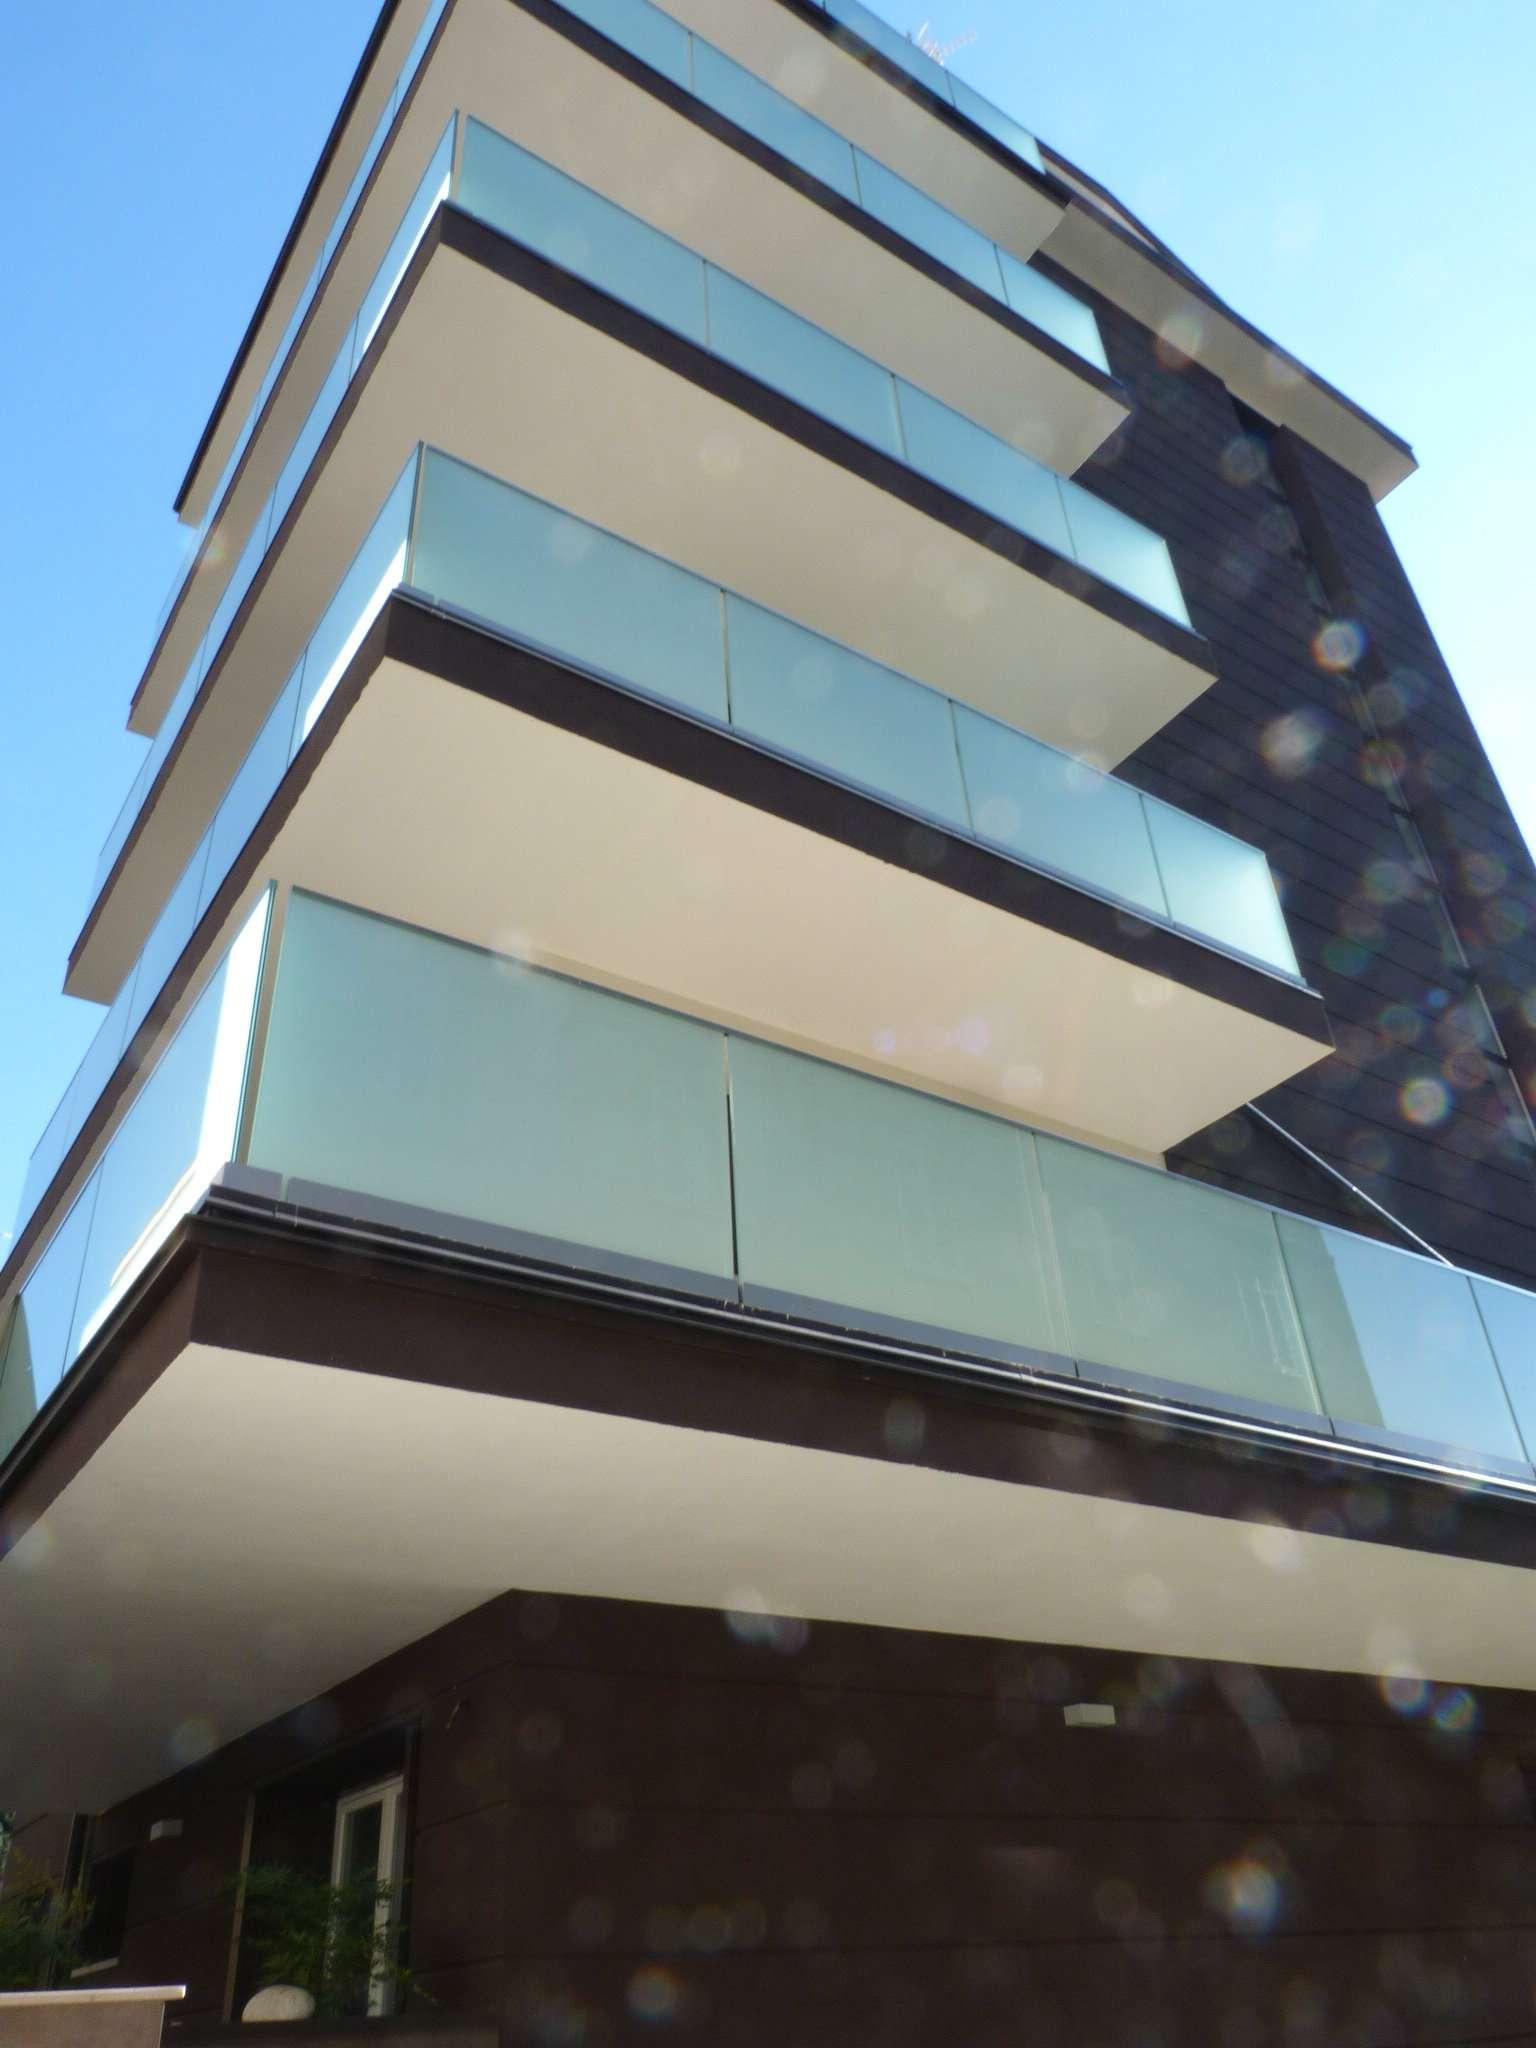 Appartamento in vendita a Como, 3 locali, zona Zona: 1 . Centro - Centro Storico, prezzo € 351.000 | CambioCasa.it